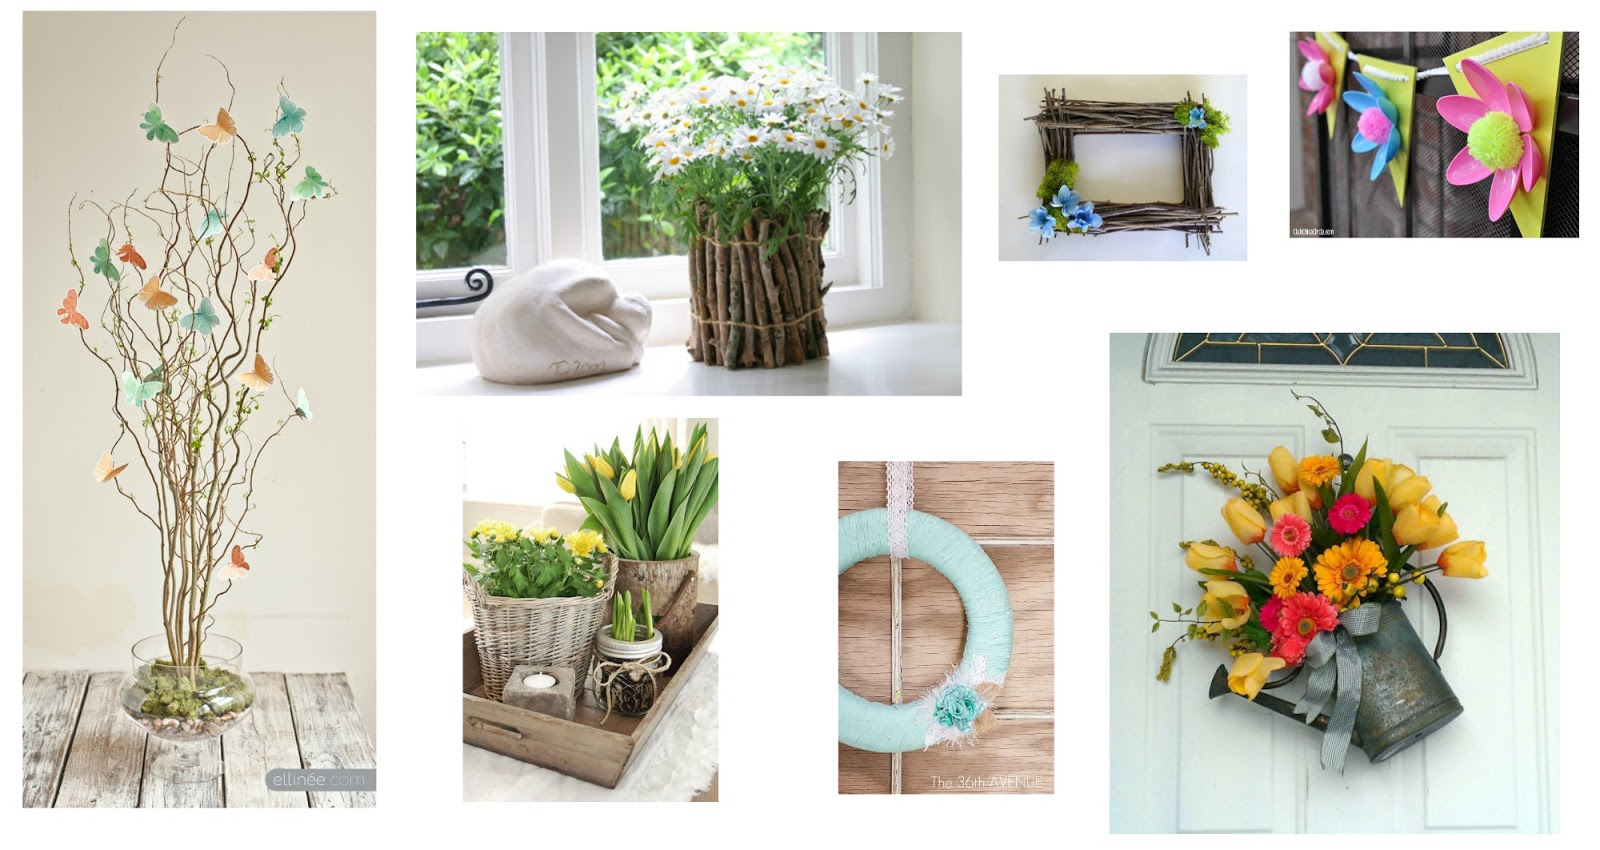 7 idee primaverili fai da te per decorare casa col riciclo